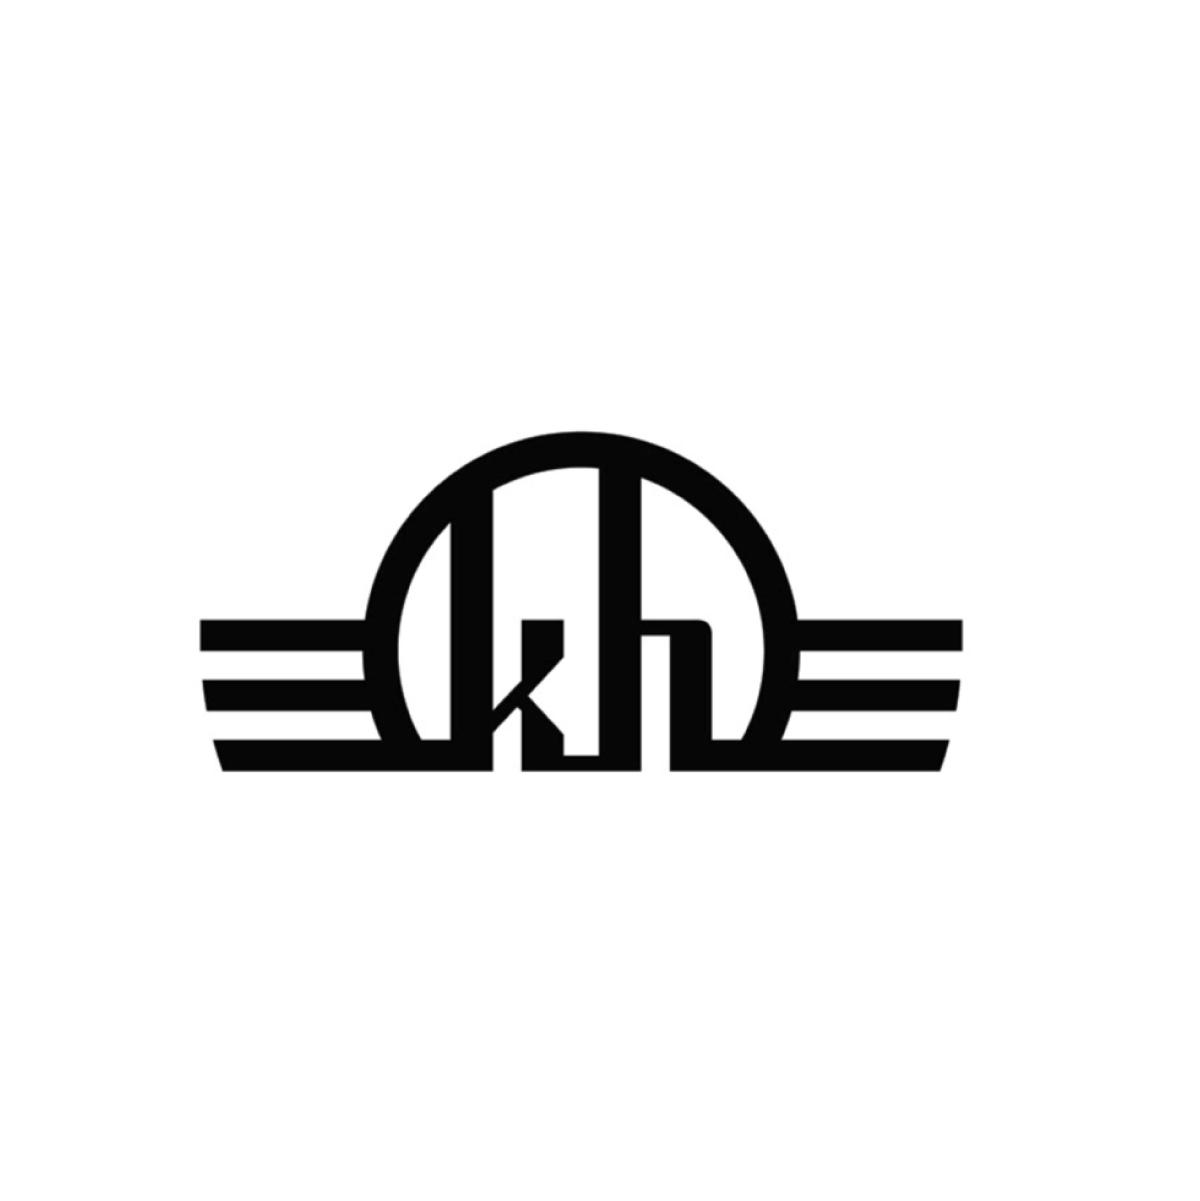 Logos-Black-21.png